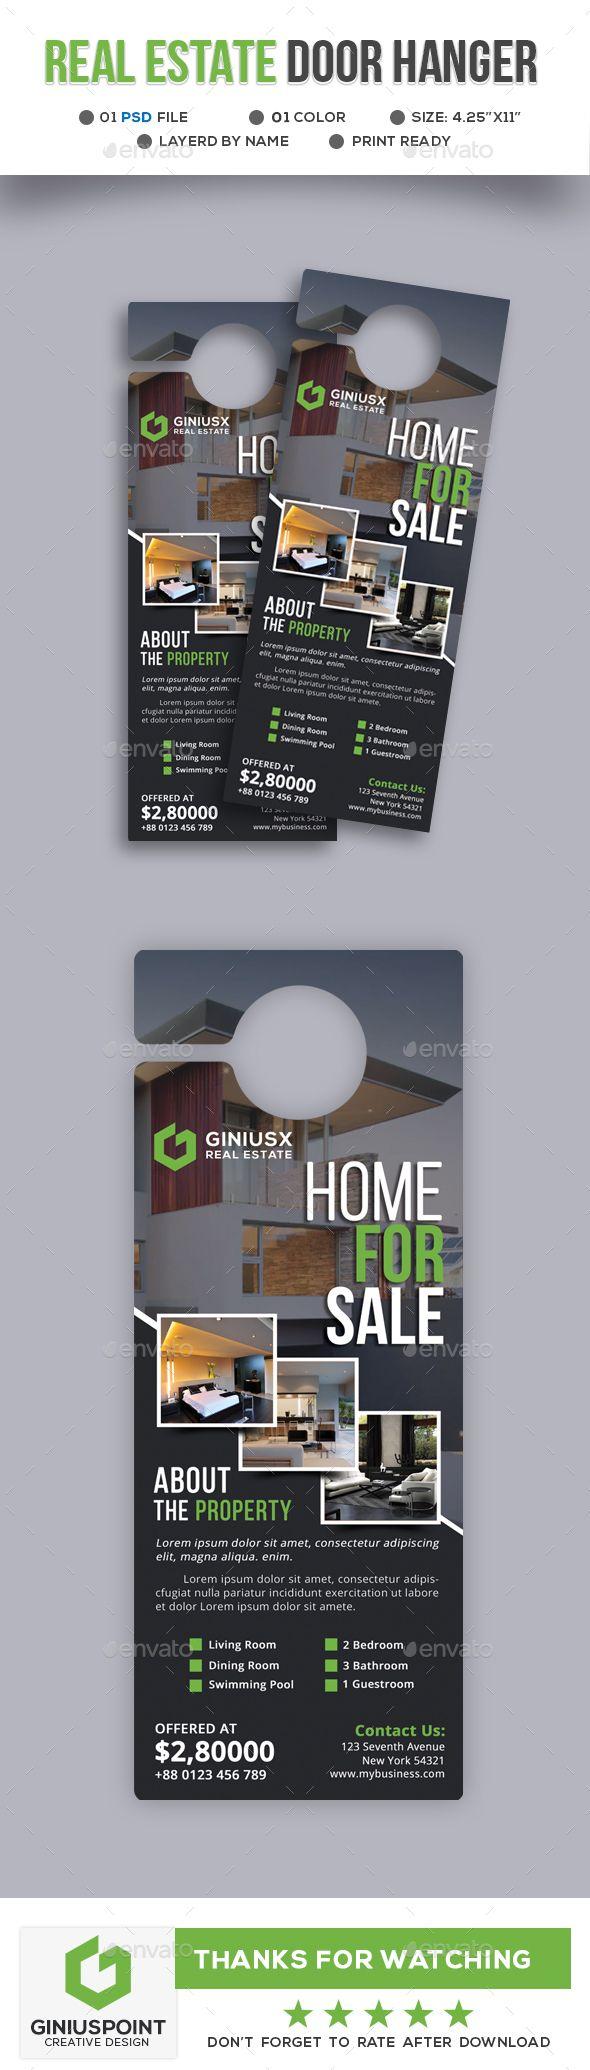 Real Estate Door Hanger | Hanger, Real estate and Door hanger template